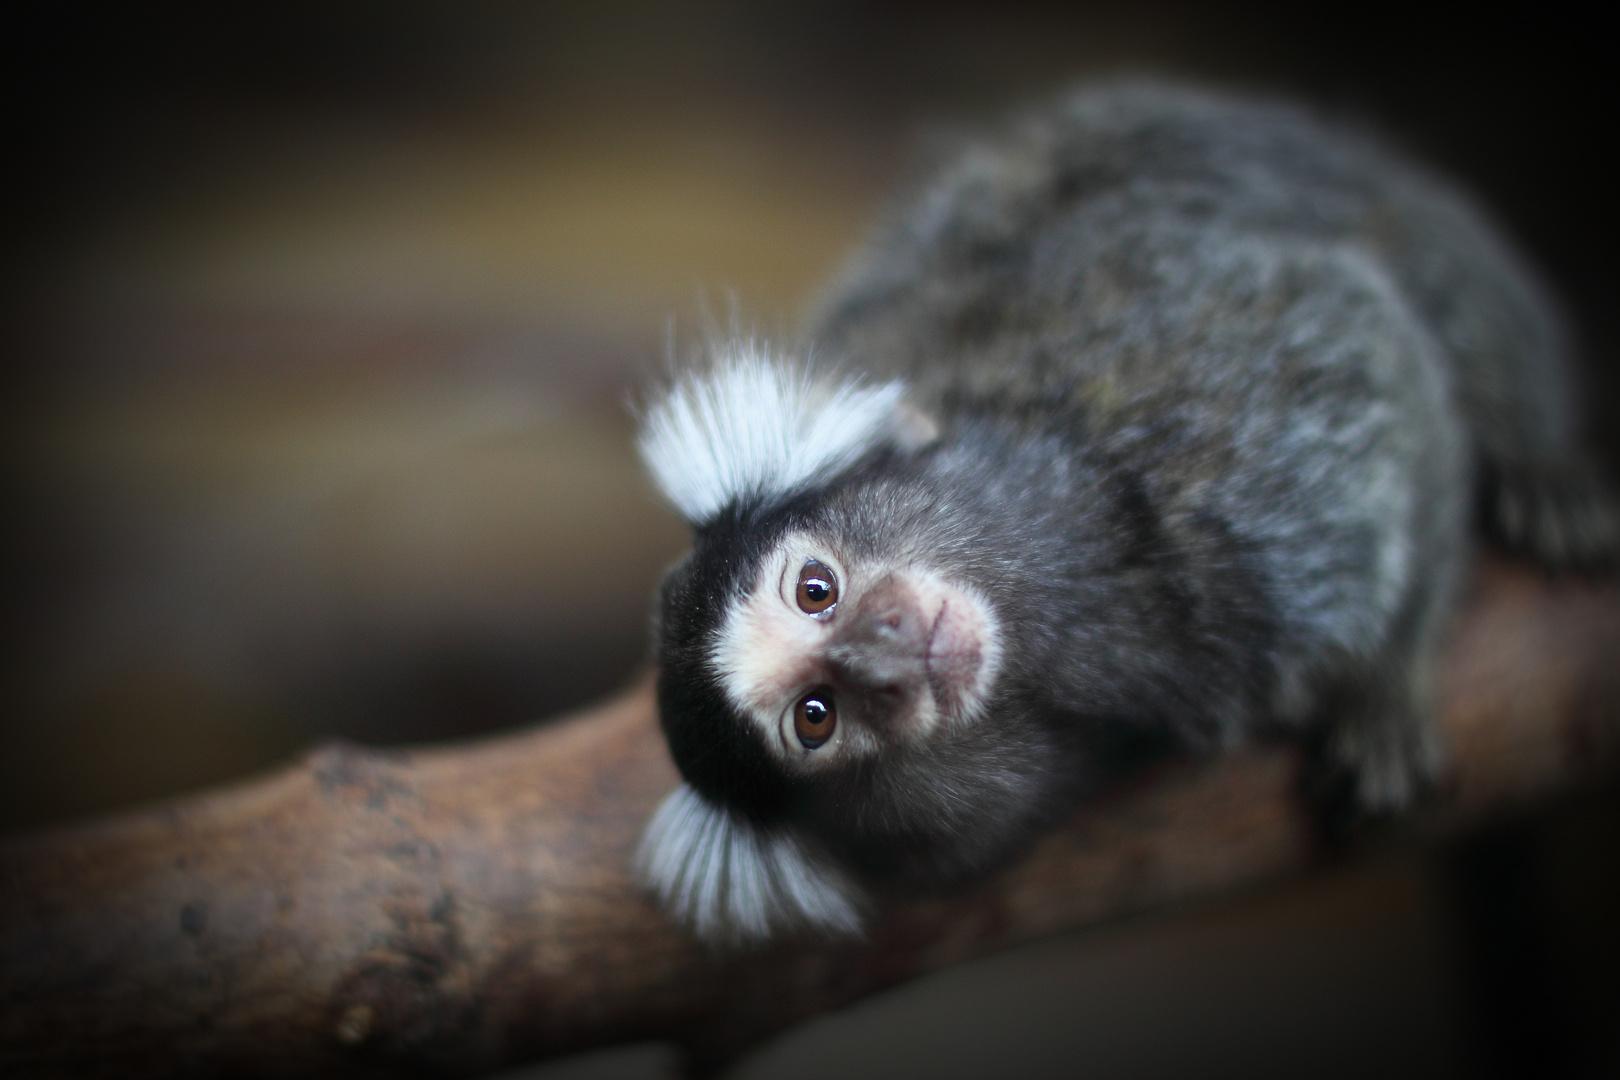 Little cheeky monkey